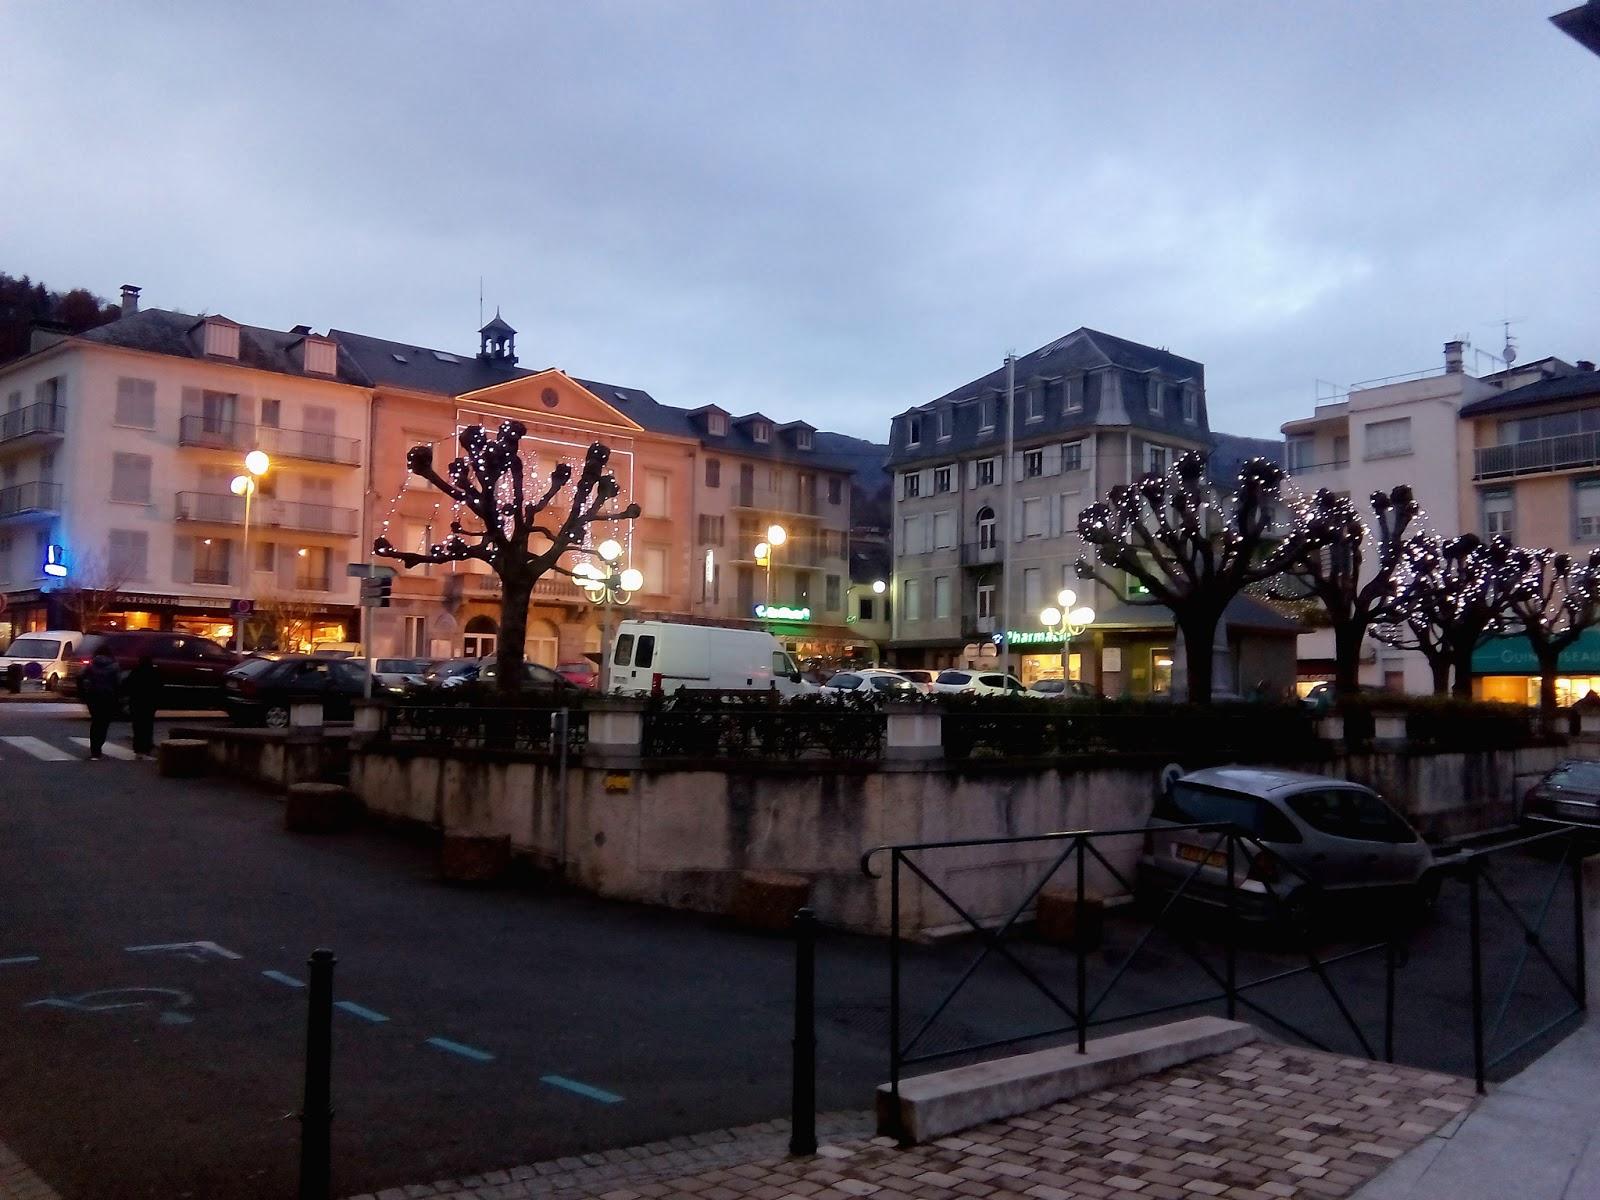 Días de relax y spa en midi-pyrénées francia rutasmarymon